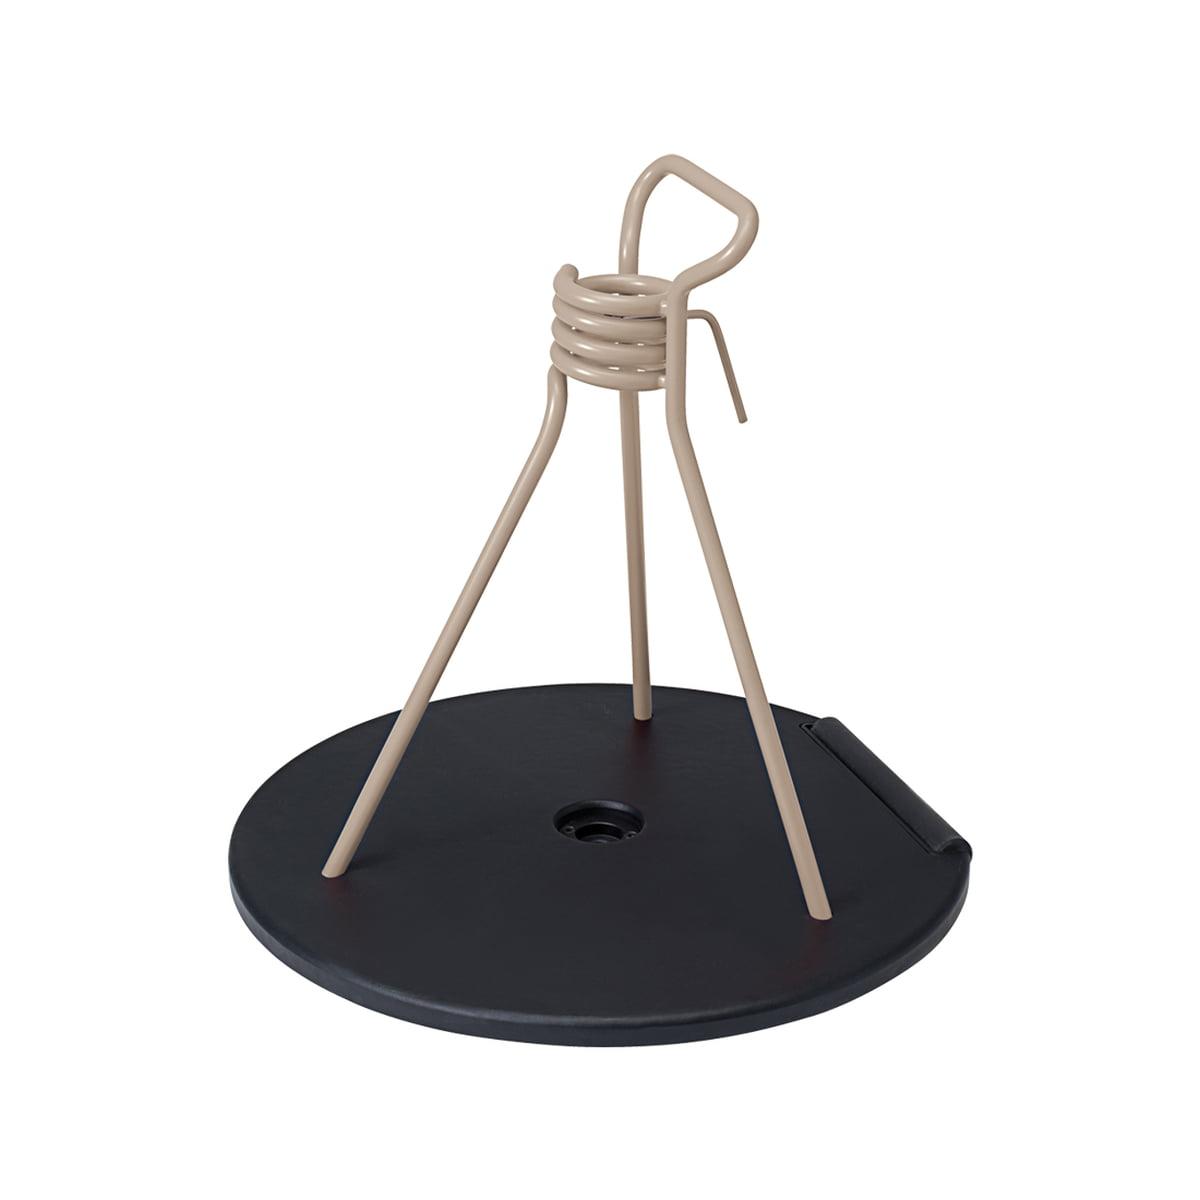 Fermob - Zébulon Schirmständer, muskat | Garten | Muskat | Sockel aus schwarzem gusseisen und stahldraht -  polypropylengleiter | fermob